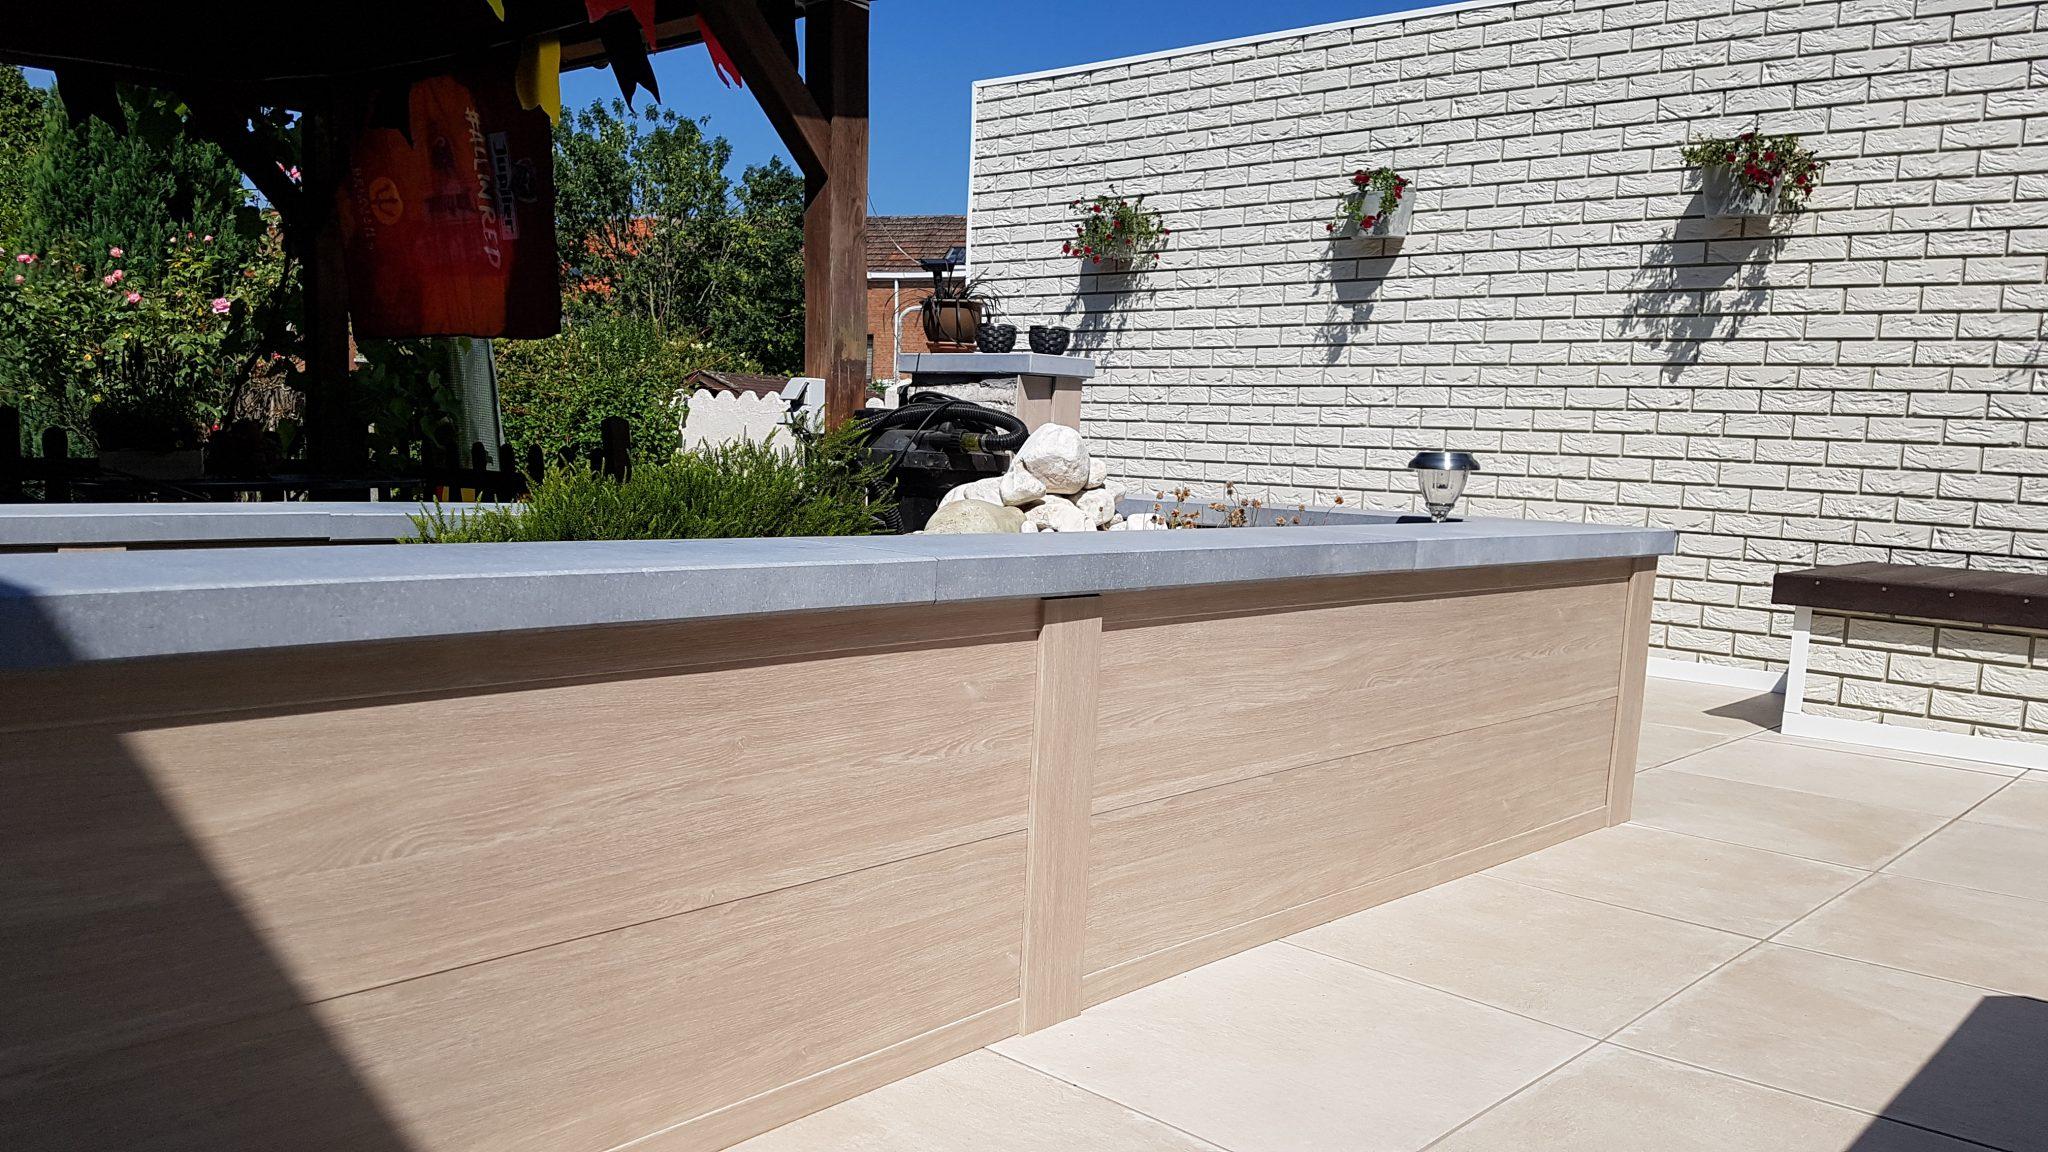 Coverstone gevelpanelen - onderhoudsvriendelijk en duurzaam